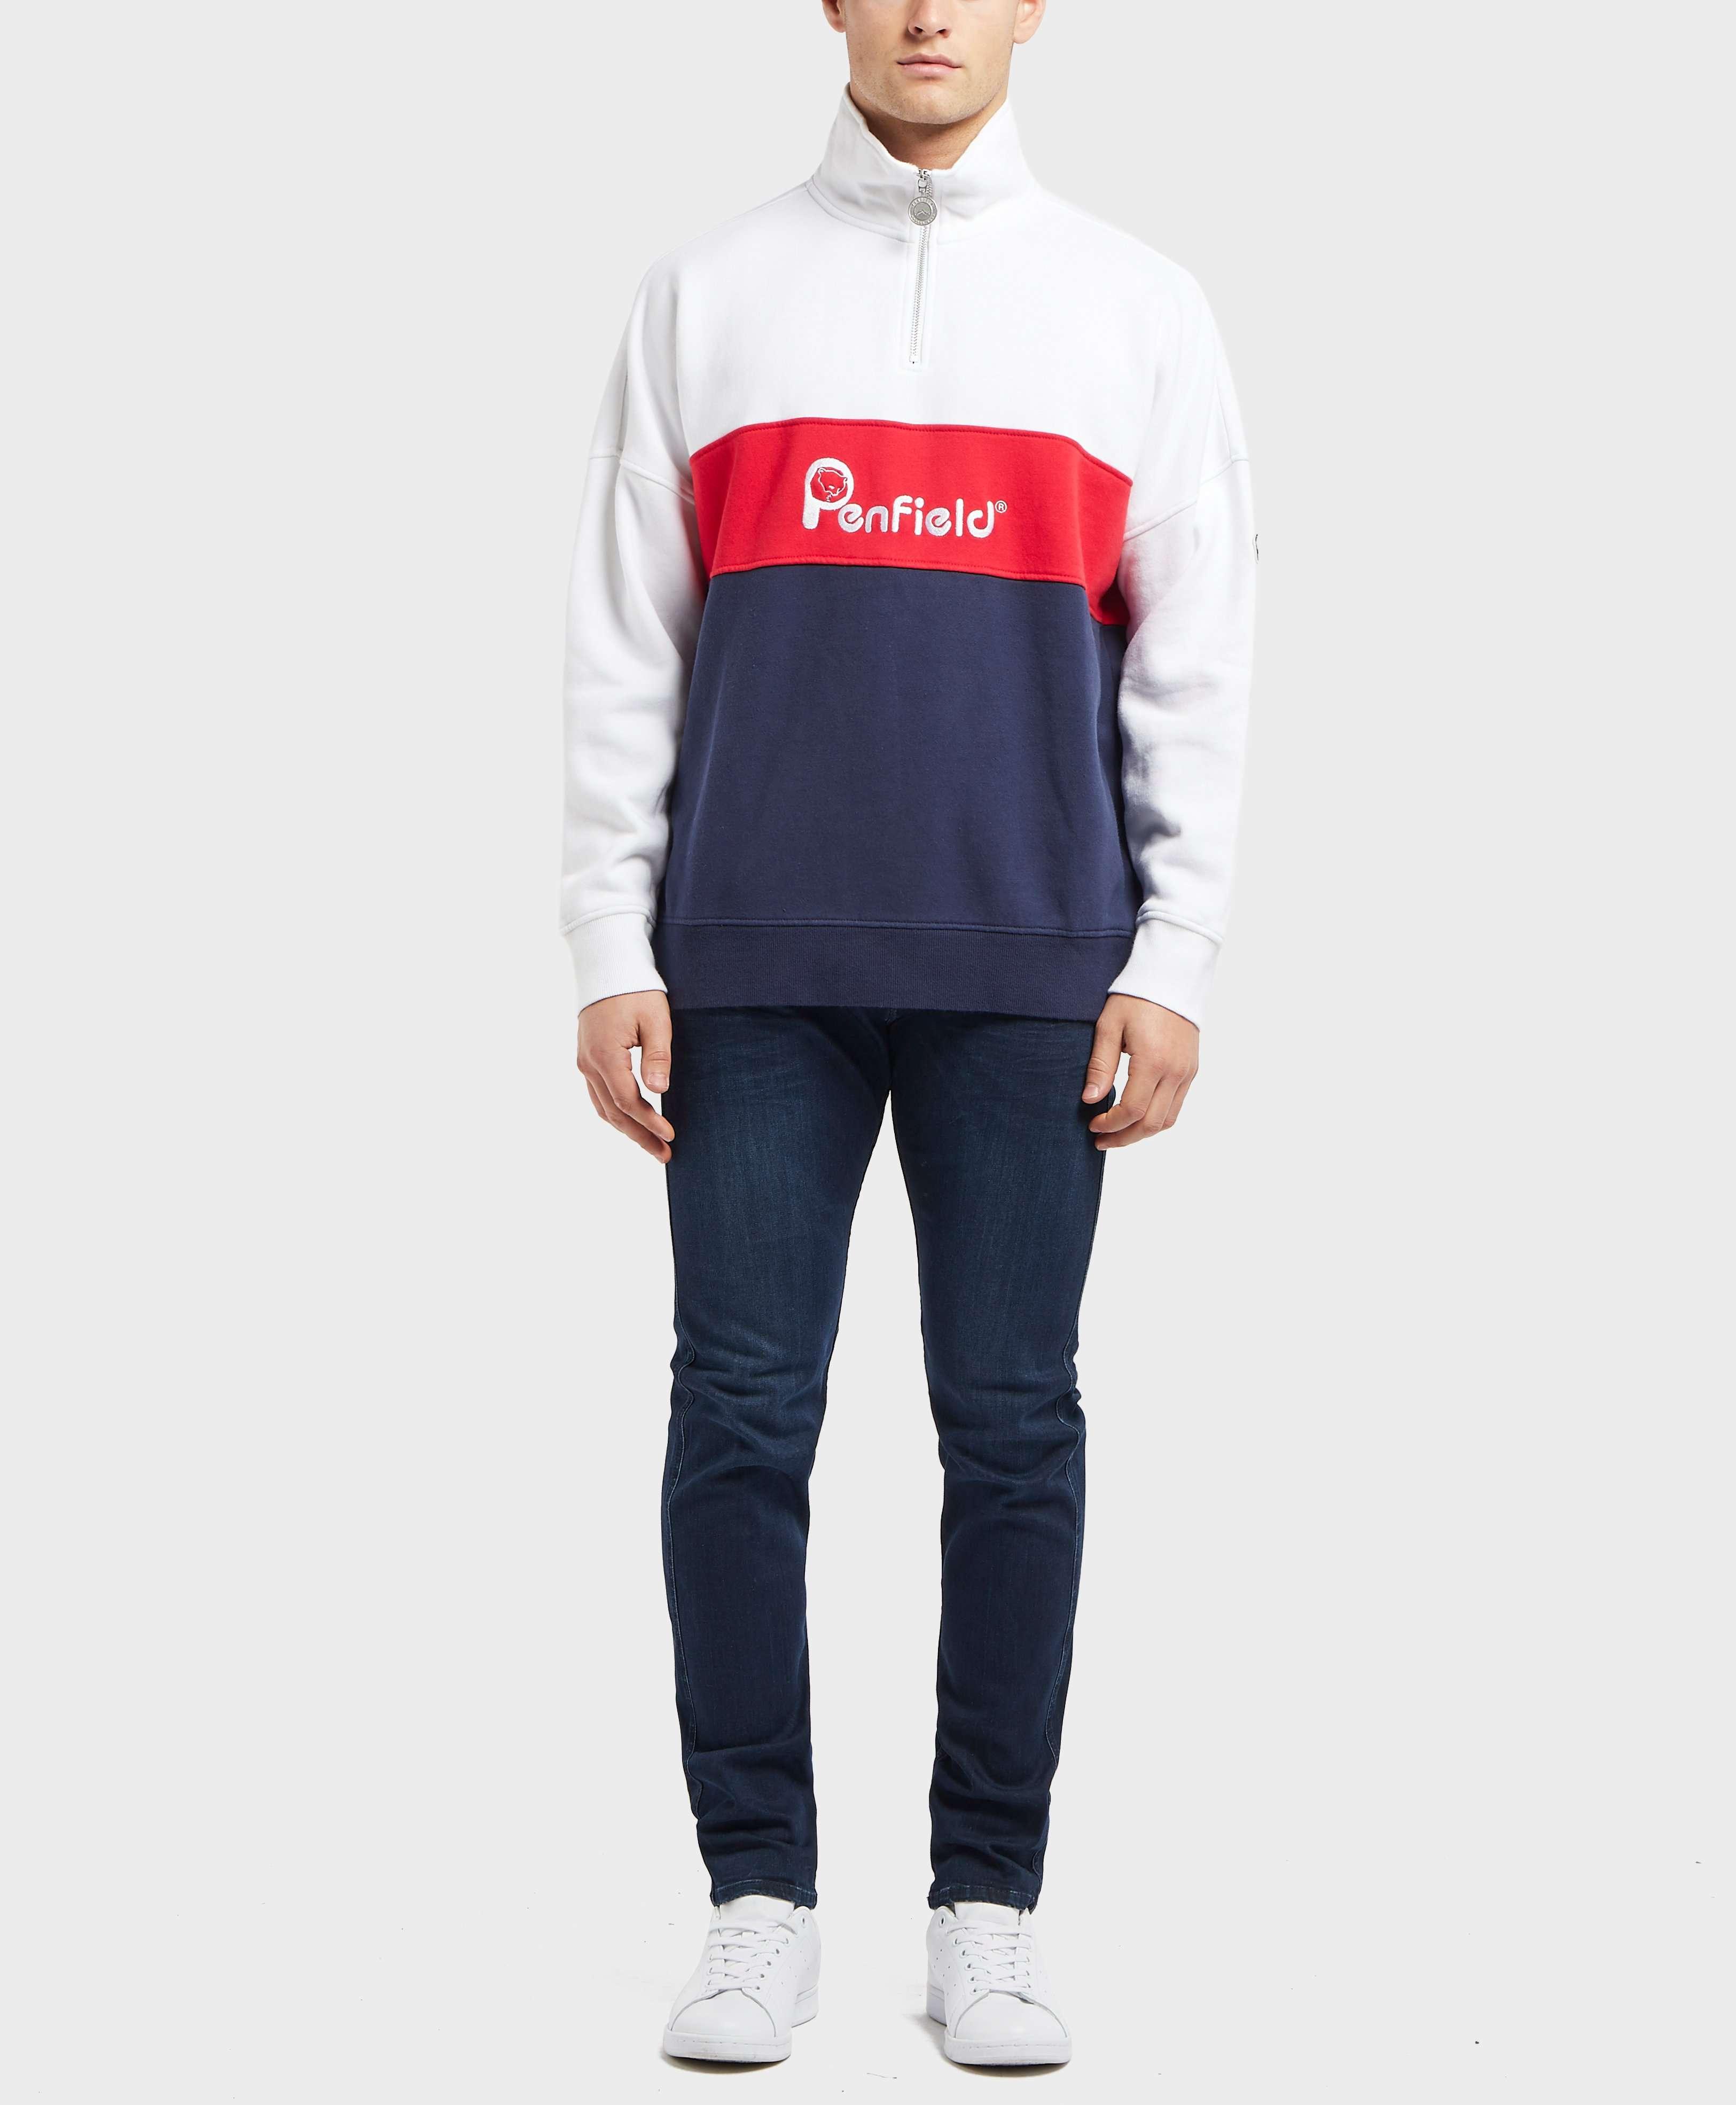 Penfield Cameron Half Zip Sweatshirt